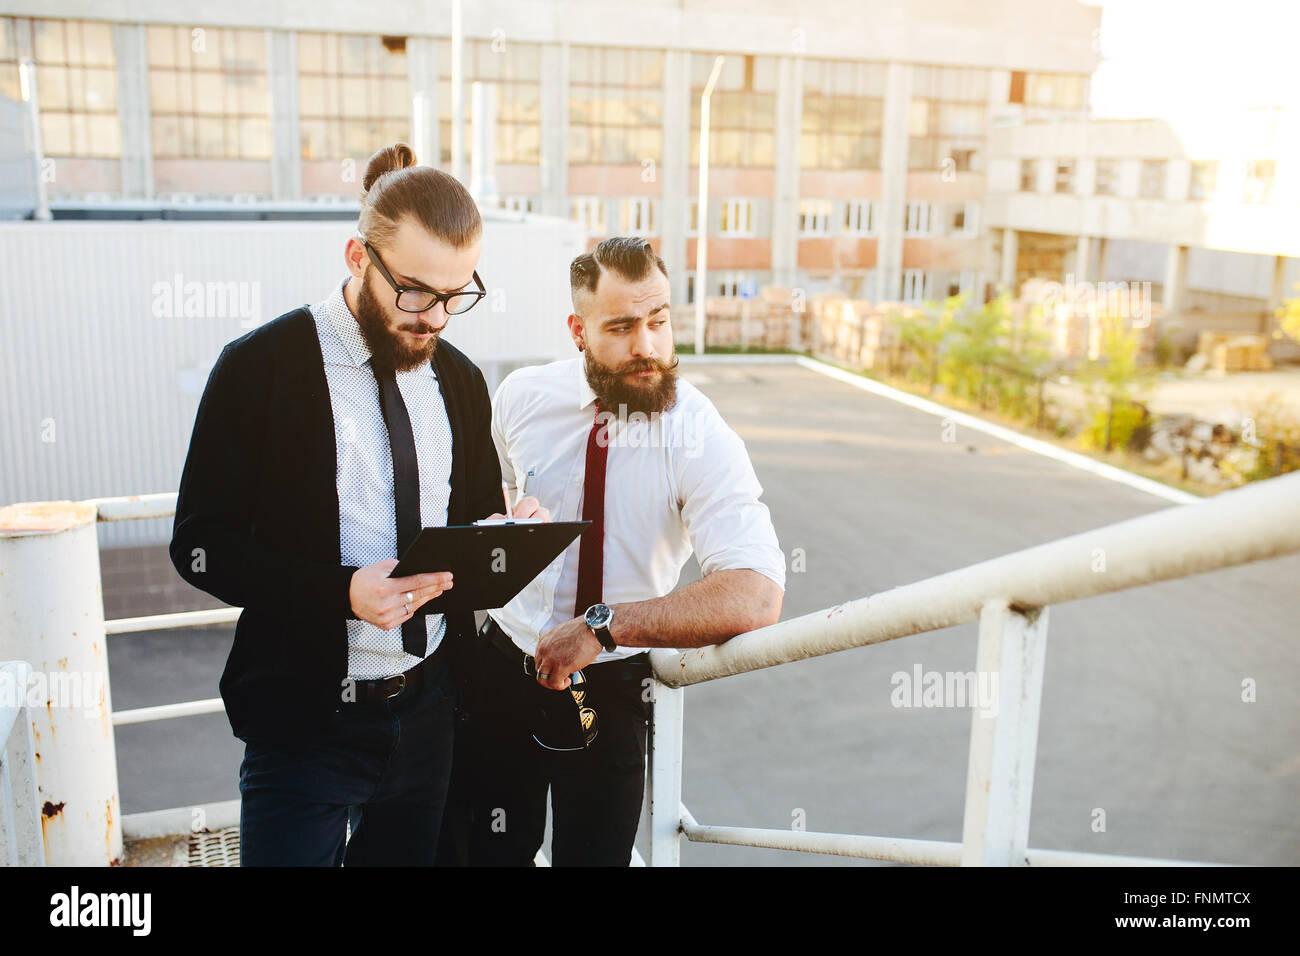 Zwei Unternehmer bei der Arbeit Stockbild